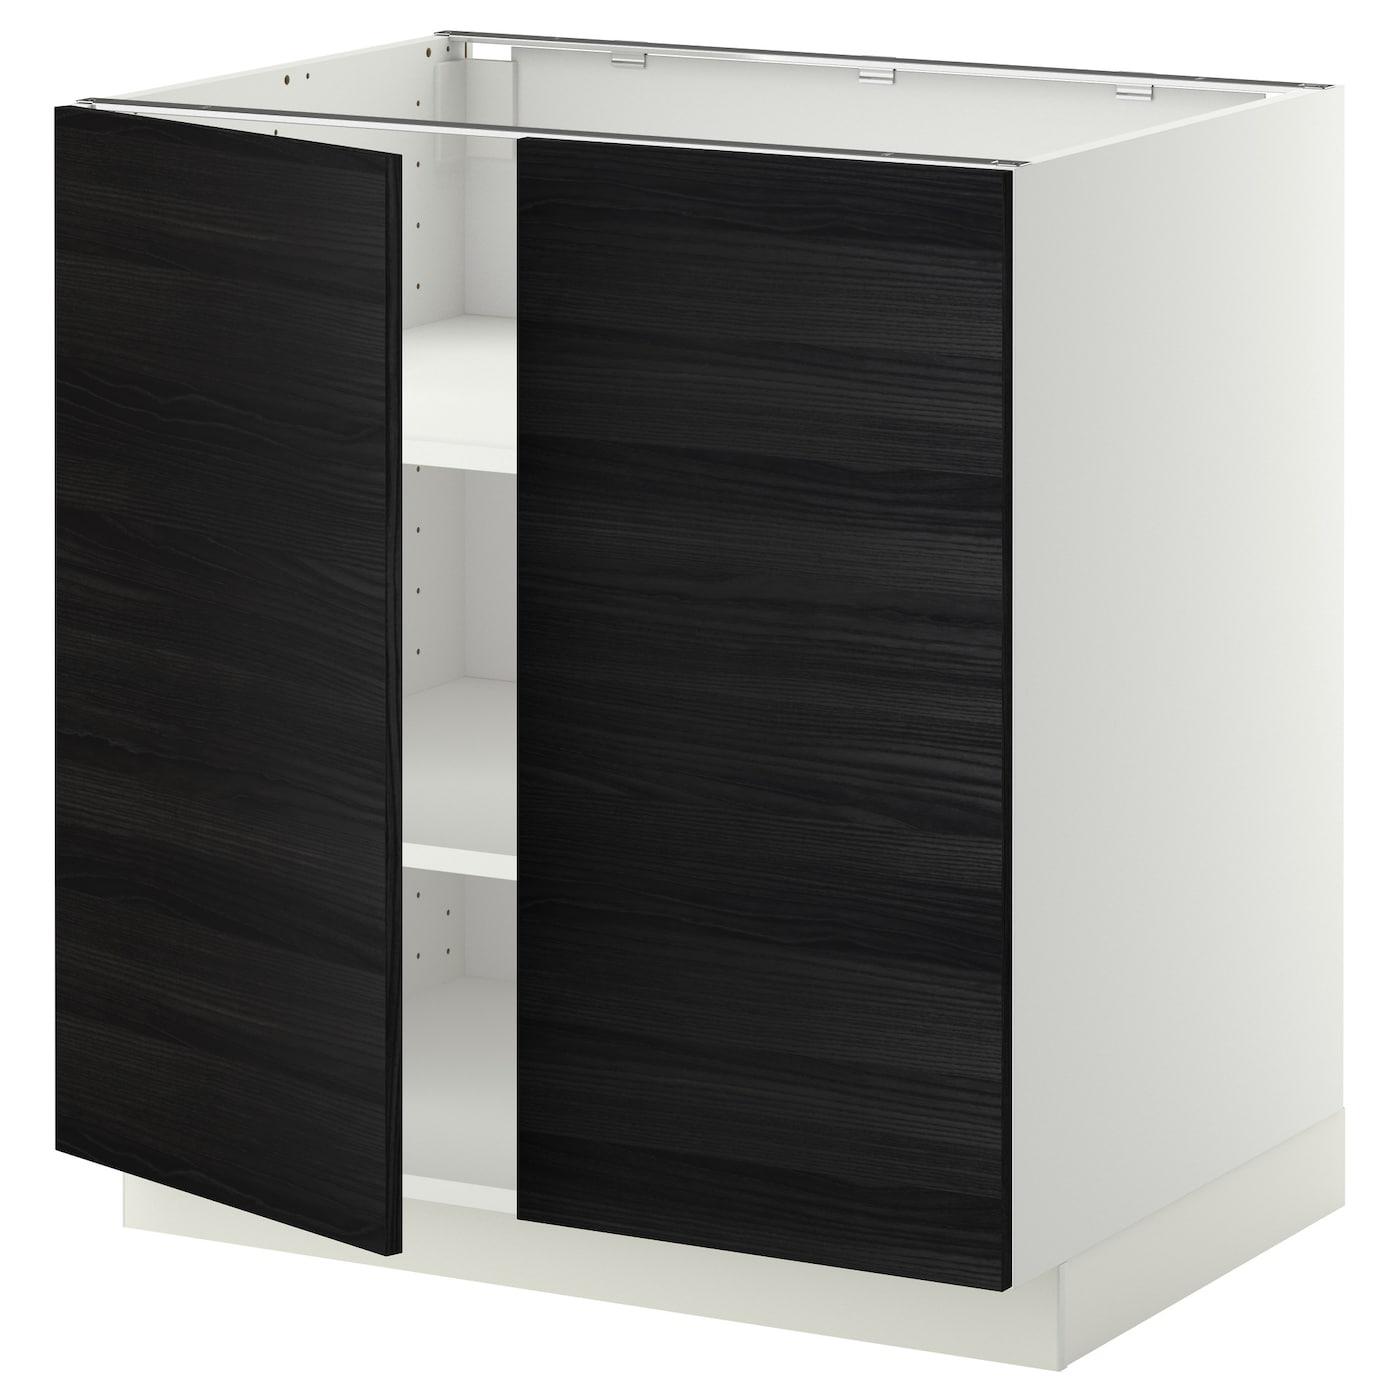 METOD, Unterschrank m Böden/2Türen, weiß, schwarz 599.120.73